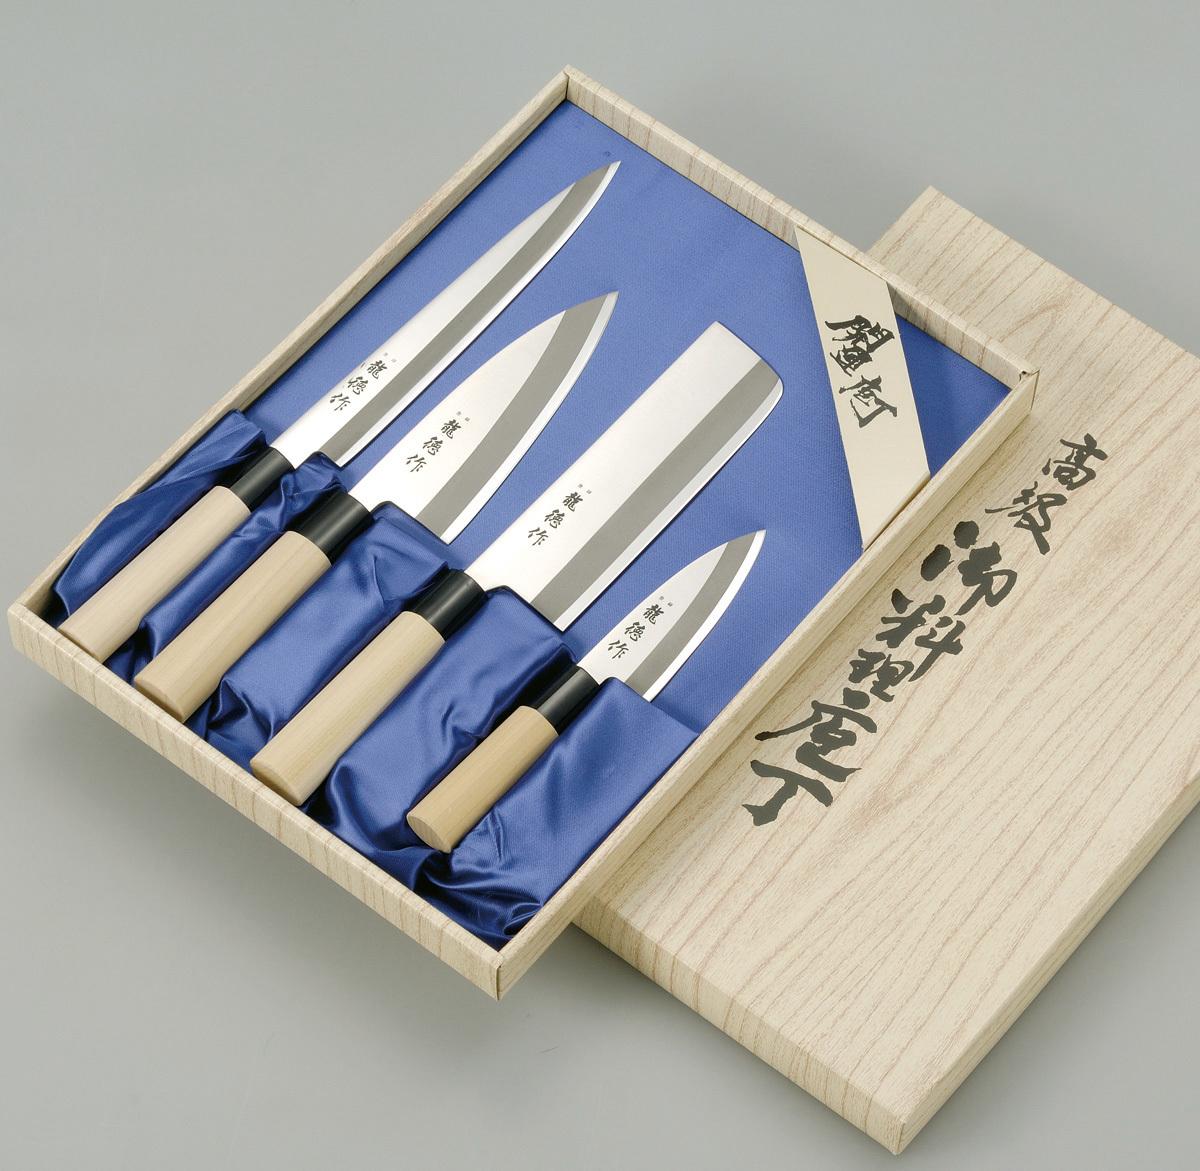 Набор из 4 кухонный стальных ножей Tojiro Ryuutoku-saku FC-125Tojiro Japanese Knife<br>Набор из 4кухонный стальных ножей Tojiro Ryuutoku-sakuFC-125<br><br>В набор входит:<br><br>Нож Мини Дэба 105мм<br>Нож Деба150мм<br>Нож Накири 160мм<br>Нож Янагиба210мм<br><br>Отличительные особенности<br>Что резать:<br><br>Нож Мини Дэба и Деба - предназначены дляотделение филе от кости, нарезки стейков, обезглавливание рыбы, рубка сухожилийихрящей.<br>Нож Накири- это специальный топорик для шинковки овощей. Отличается удобной формой, что позволяет легко и быстро нарезать любые овощи, просто поднимая и опуская лезвие ножа.<br>Нож Янагиба - предназначен для нарезки рыбного филе,для приготовления суши, сашими и других характерных японских блюд.<br><br>Материал лезвия:сталь Shirogami – это одна из древнейших технологий в производстве высокоуглеродистых сталей, так называемые «чистые стали», практически без примесей легирующих элементов. Простейшее, идеальное представление о стали – это сплав железа и углерода. Сталь Shirogami близка к такому идеалу. Такая сталь позволяет добиться эталонных режущих свойств, поэтому так ценится в стране Восходящего Солнца.<br>Материал рукоятки:деревянная рукаятка обладает легким весом и отлично лежит в руке.<br>Кому подойдет:хорошее соотношение цена-качество, отлично подойдет как для домашнего использования, так и для Шеф поваров.<br>Официальный сертифицированный продавец TOJIRO<br>